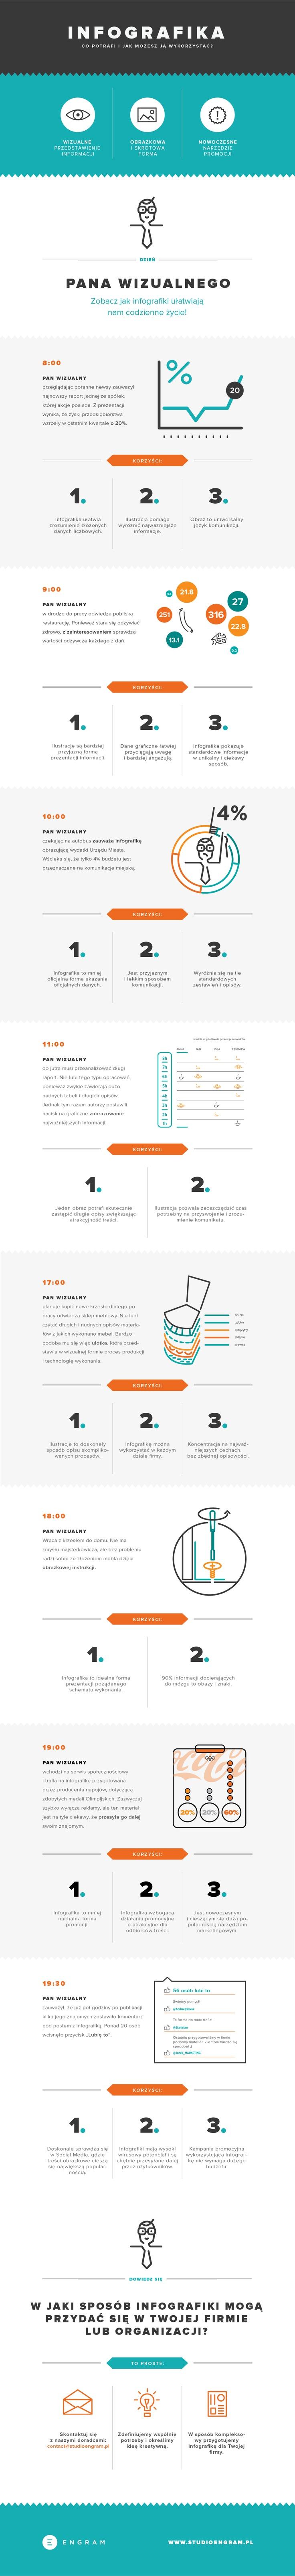 Wykorzystaj w swojej firmie potencjał infografik! | studio brandingowe ENGRAM - www.studioengram.pl